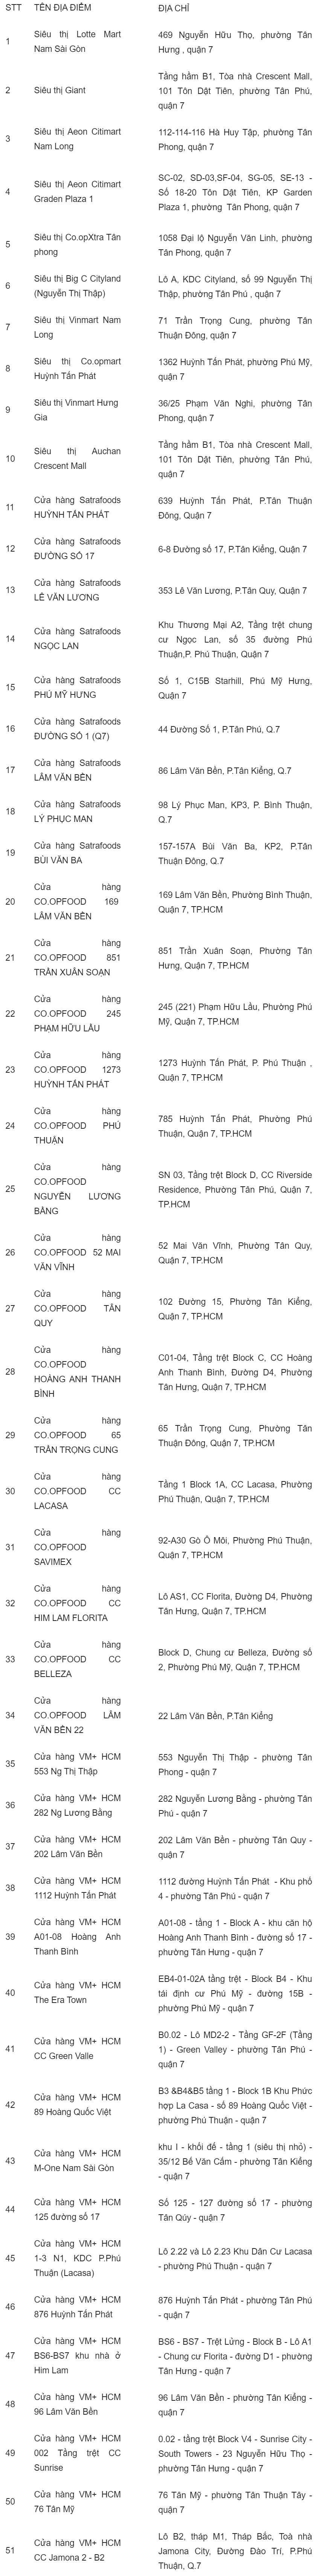 danh sách địa điểm bán khẩu trang quận 7